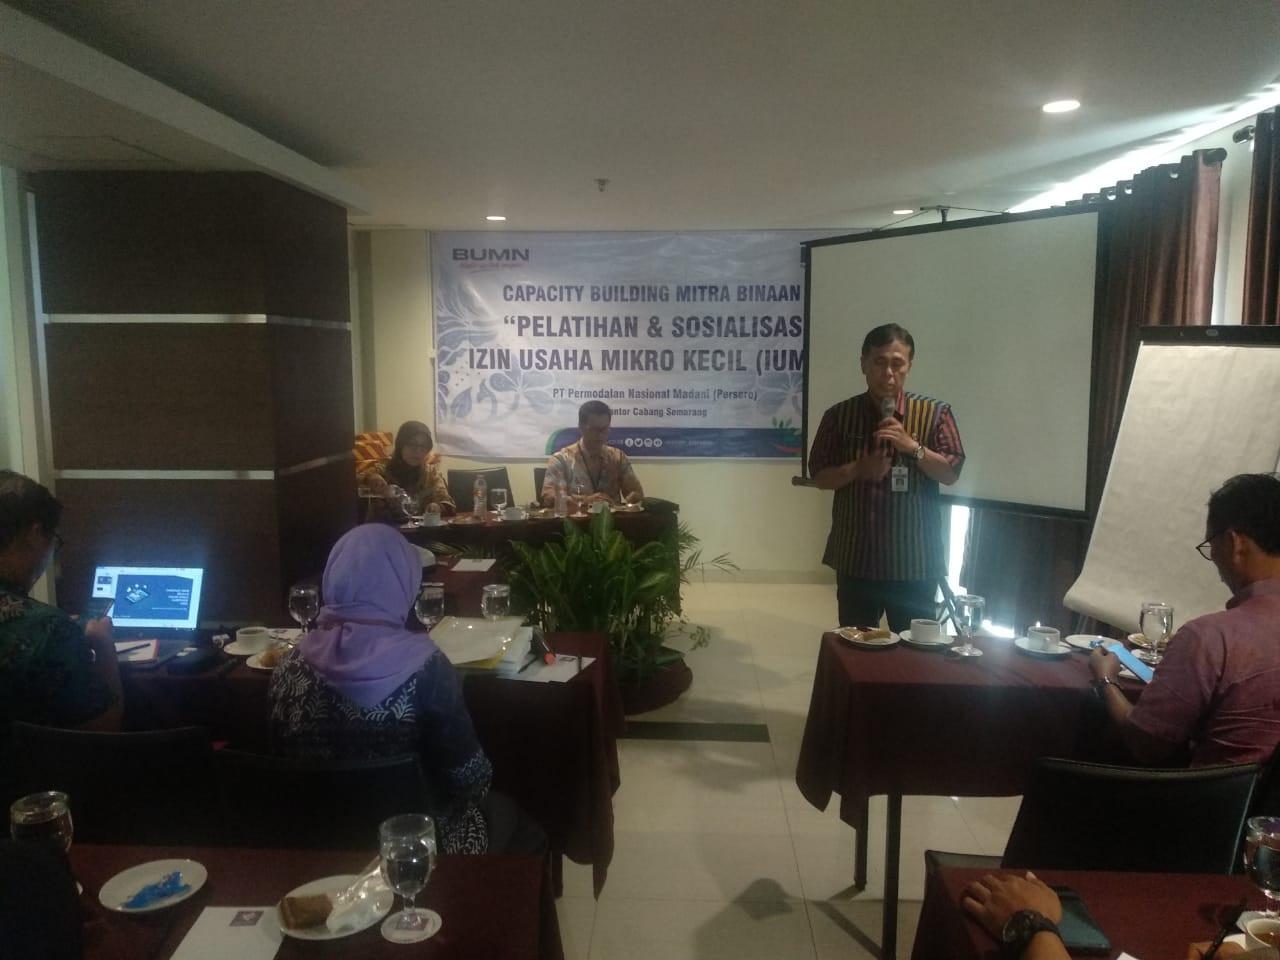 kegiatan Pelatihan Capacity Building untuk Mitra Binaan PT.PNM